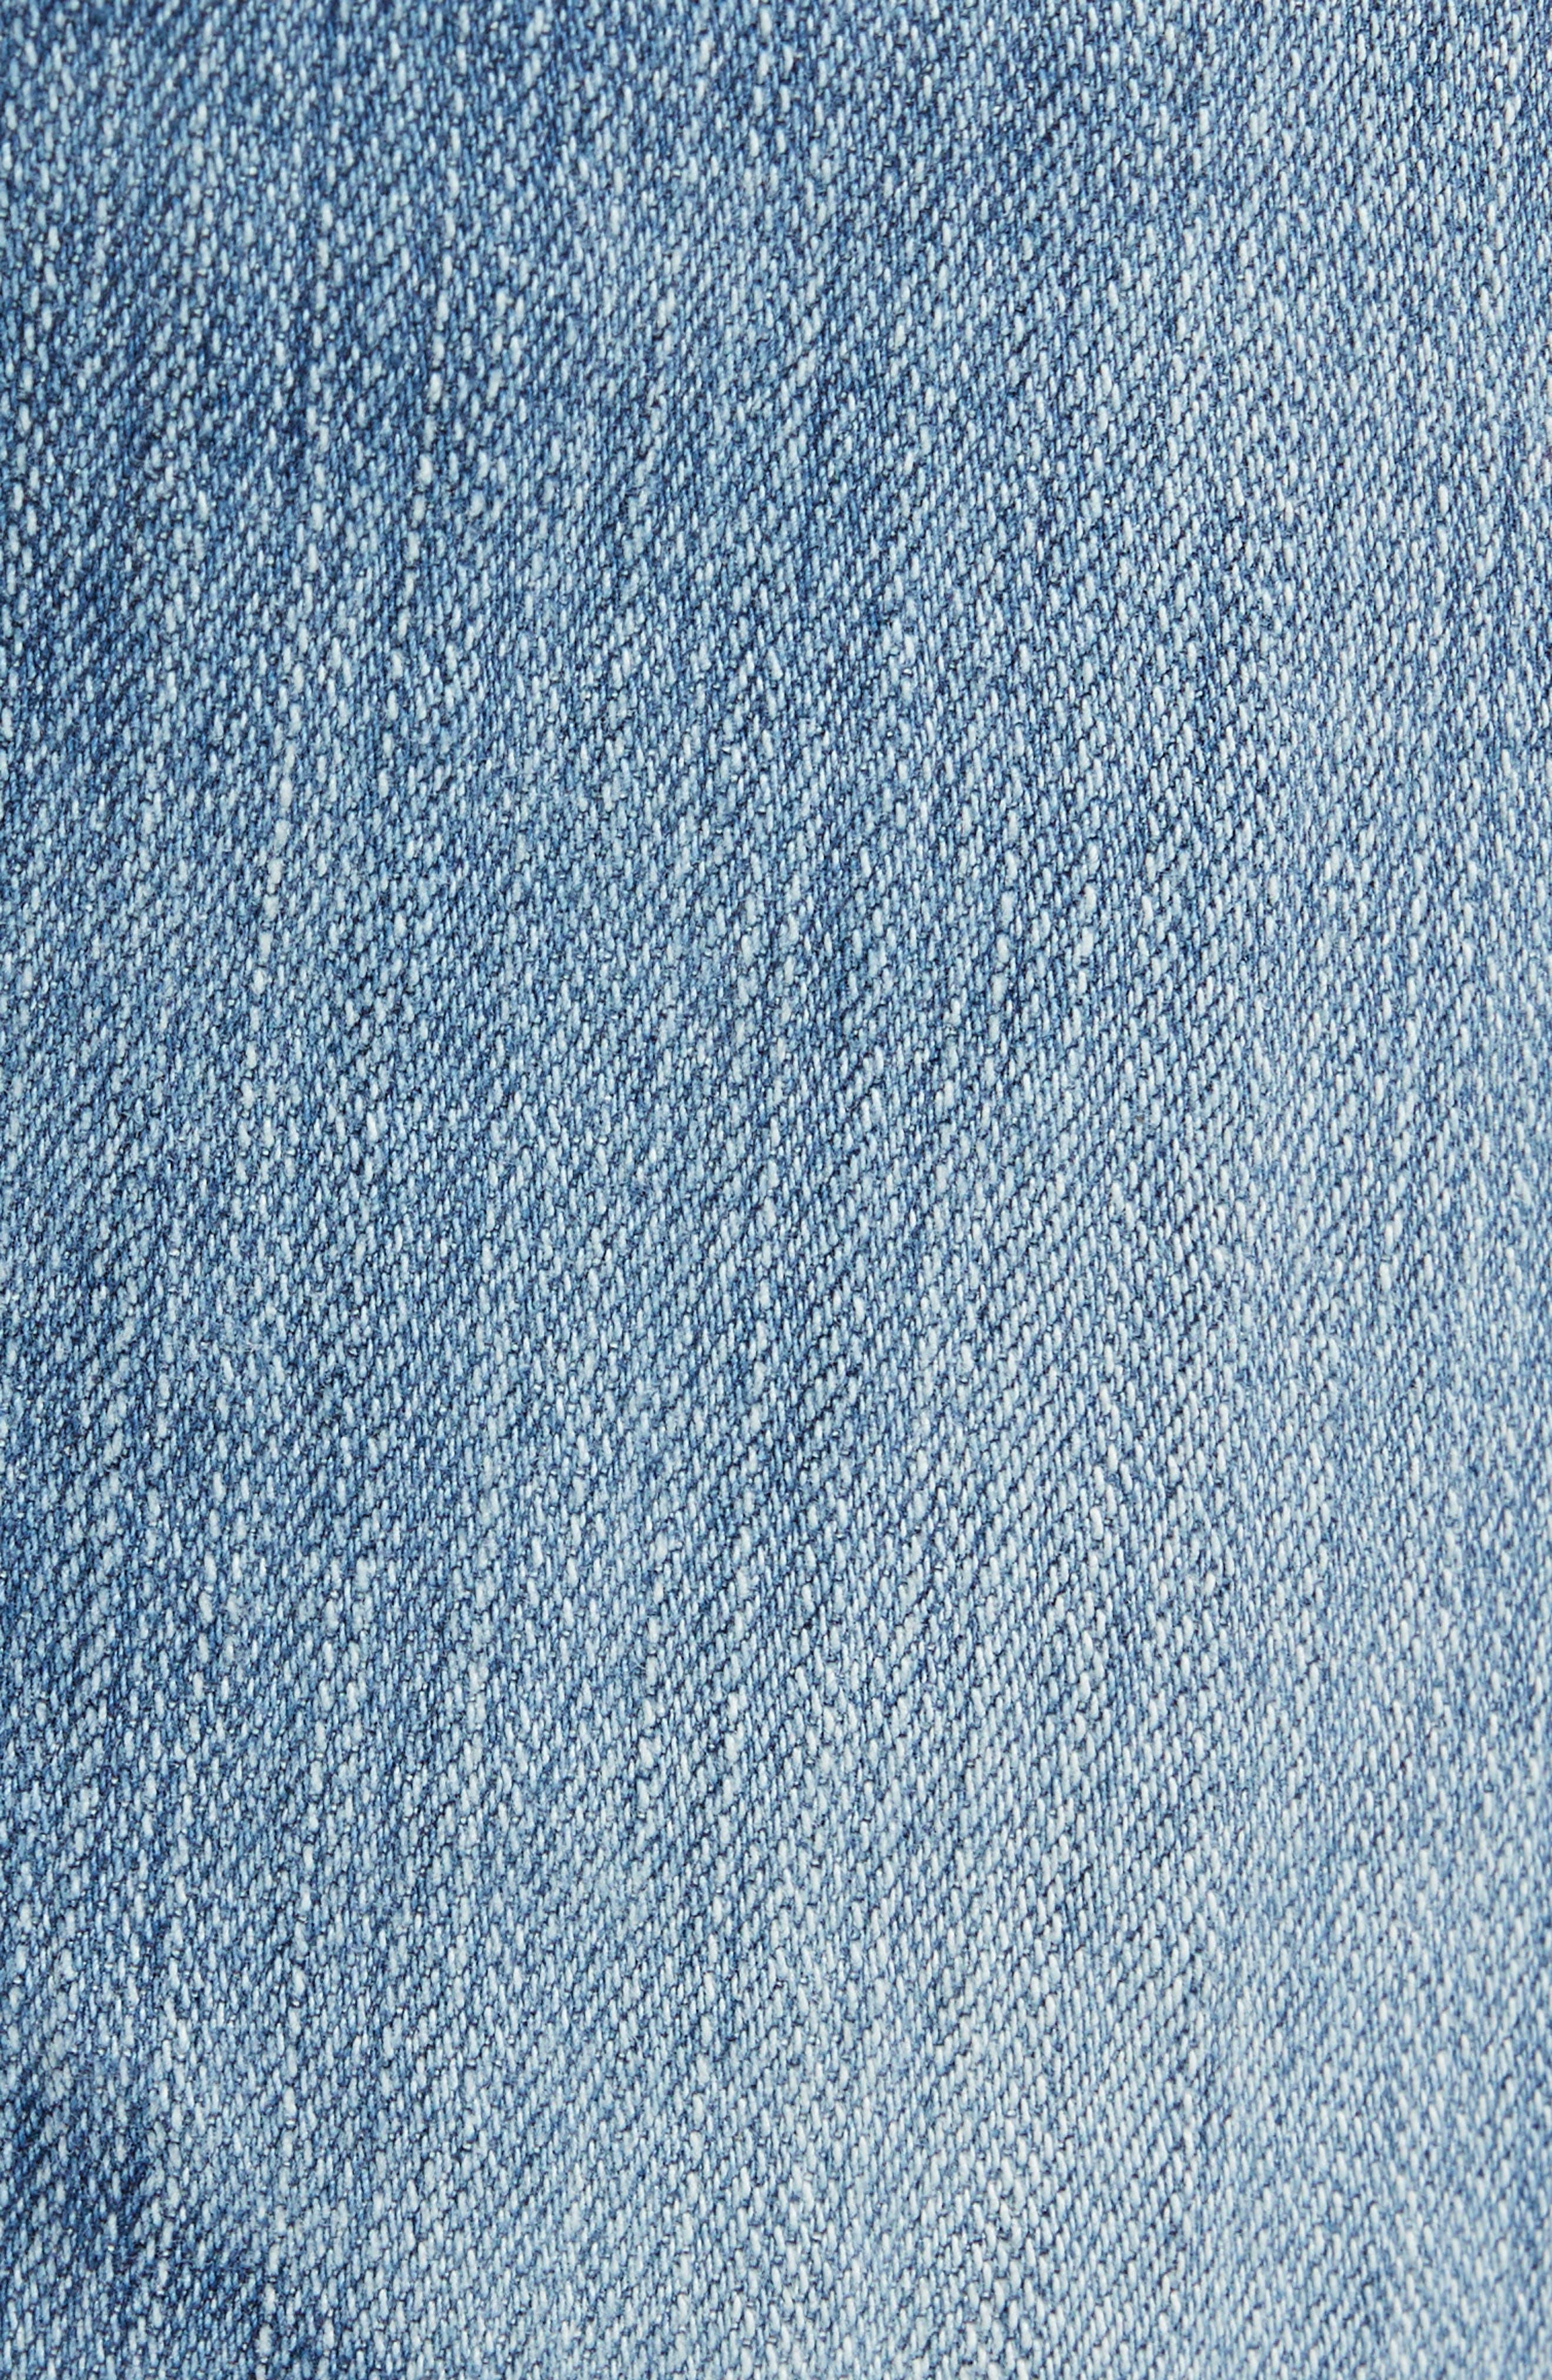 Everett Slim Straight Leg Jeans,                             Alternate thumbnail 5, color,                             14 YEARS ENGAGEMENT